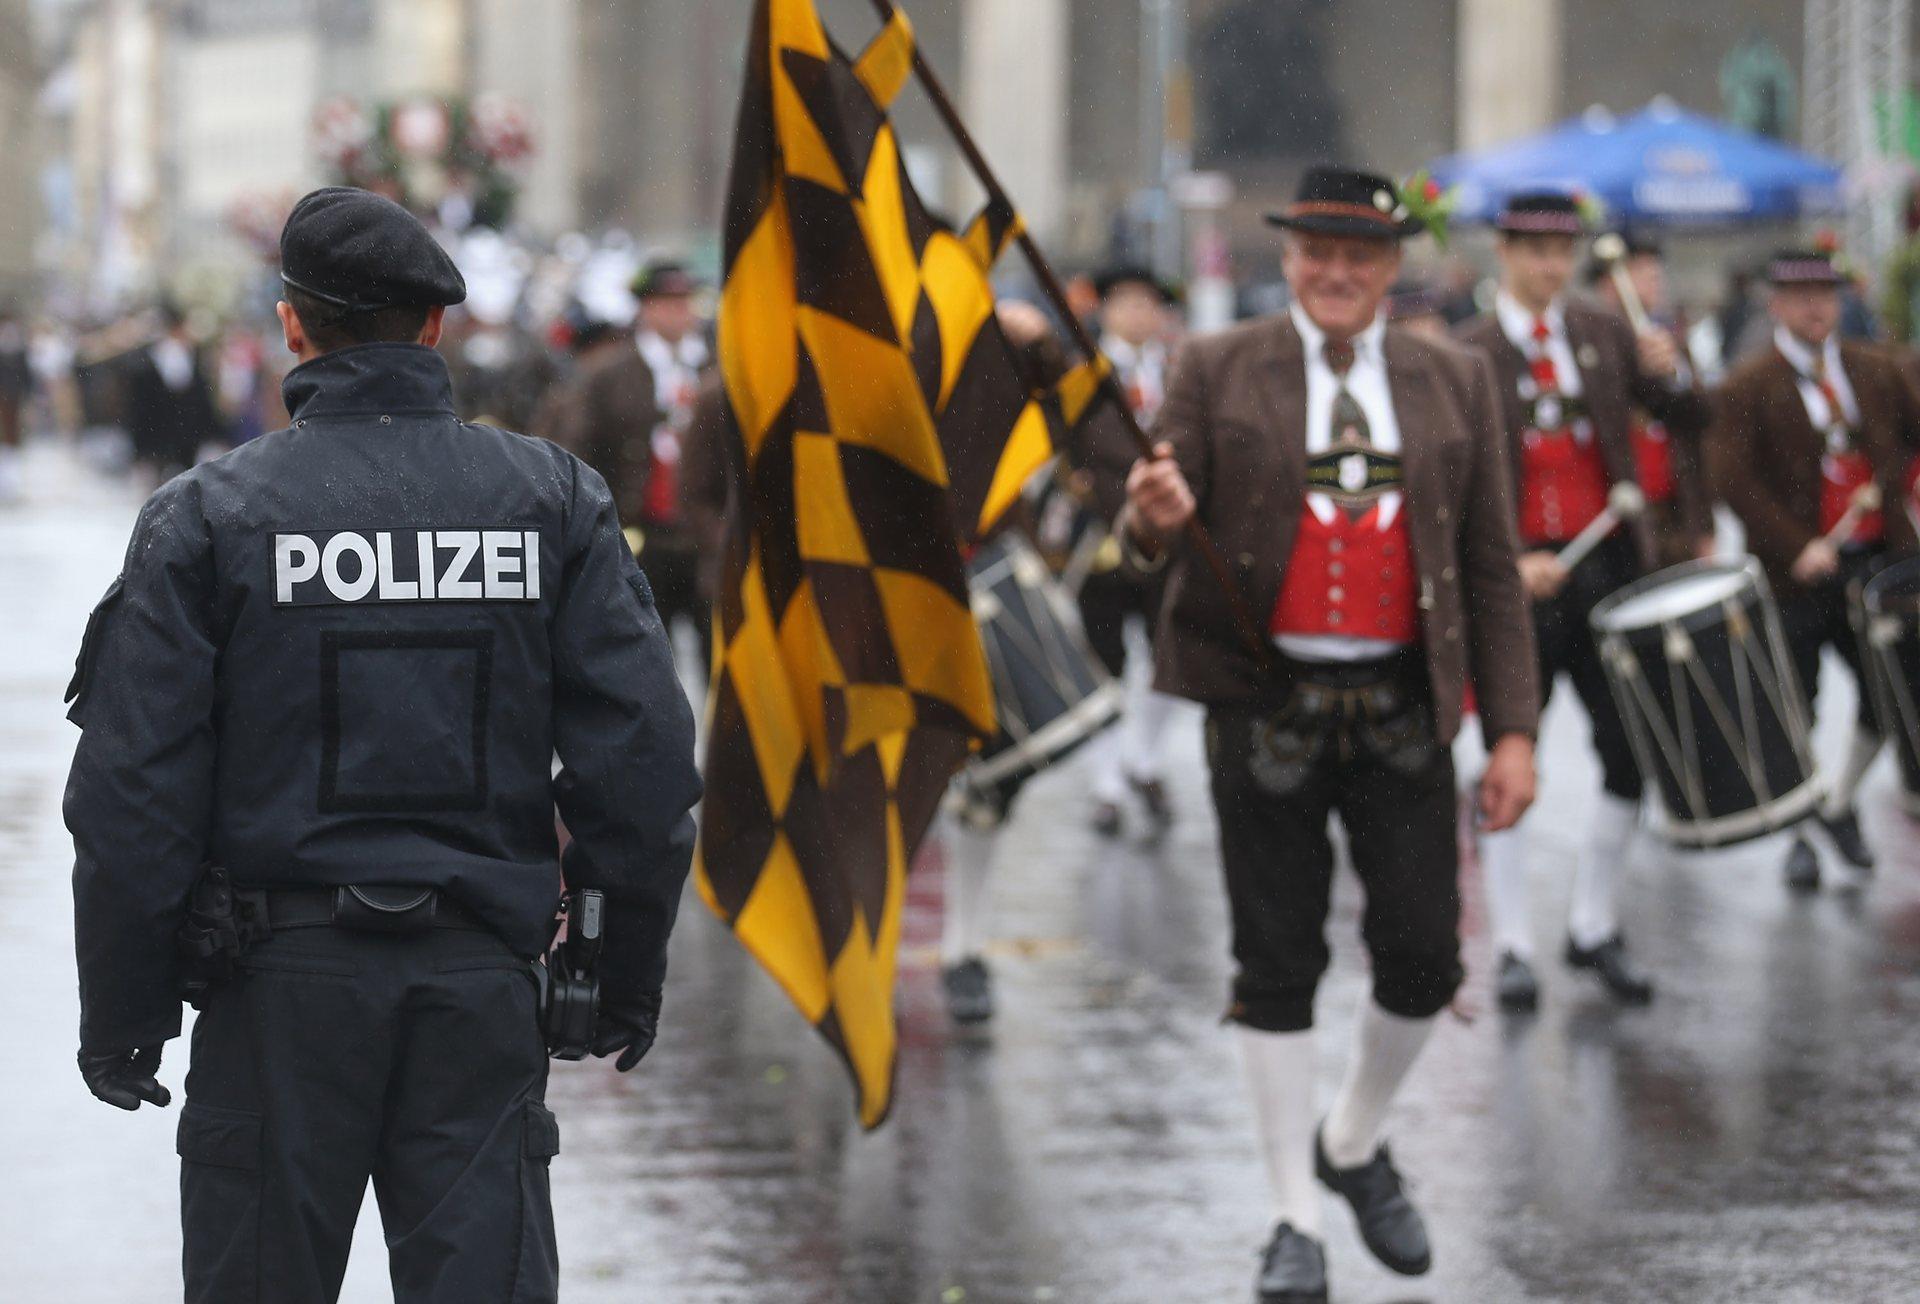 В 2016 году на фестивале предприняты повышенные меры безопасности. Фото: Johannes Simon/Getty Images